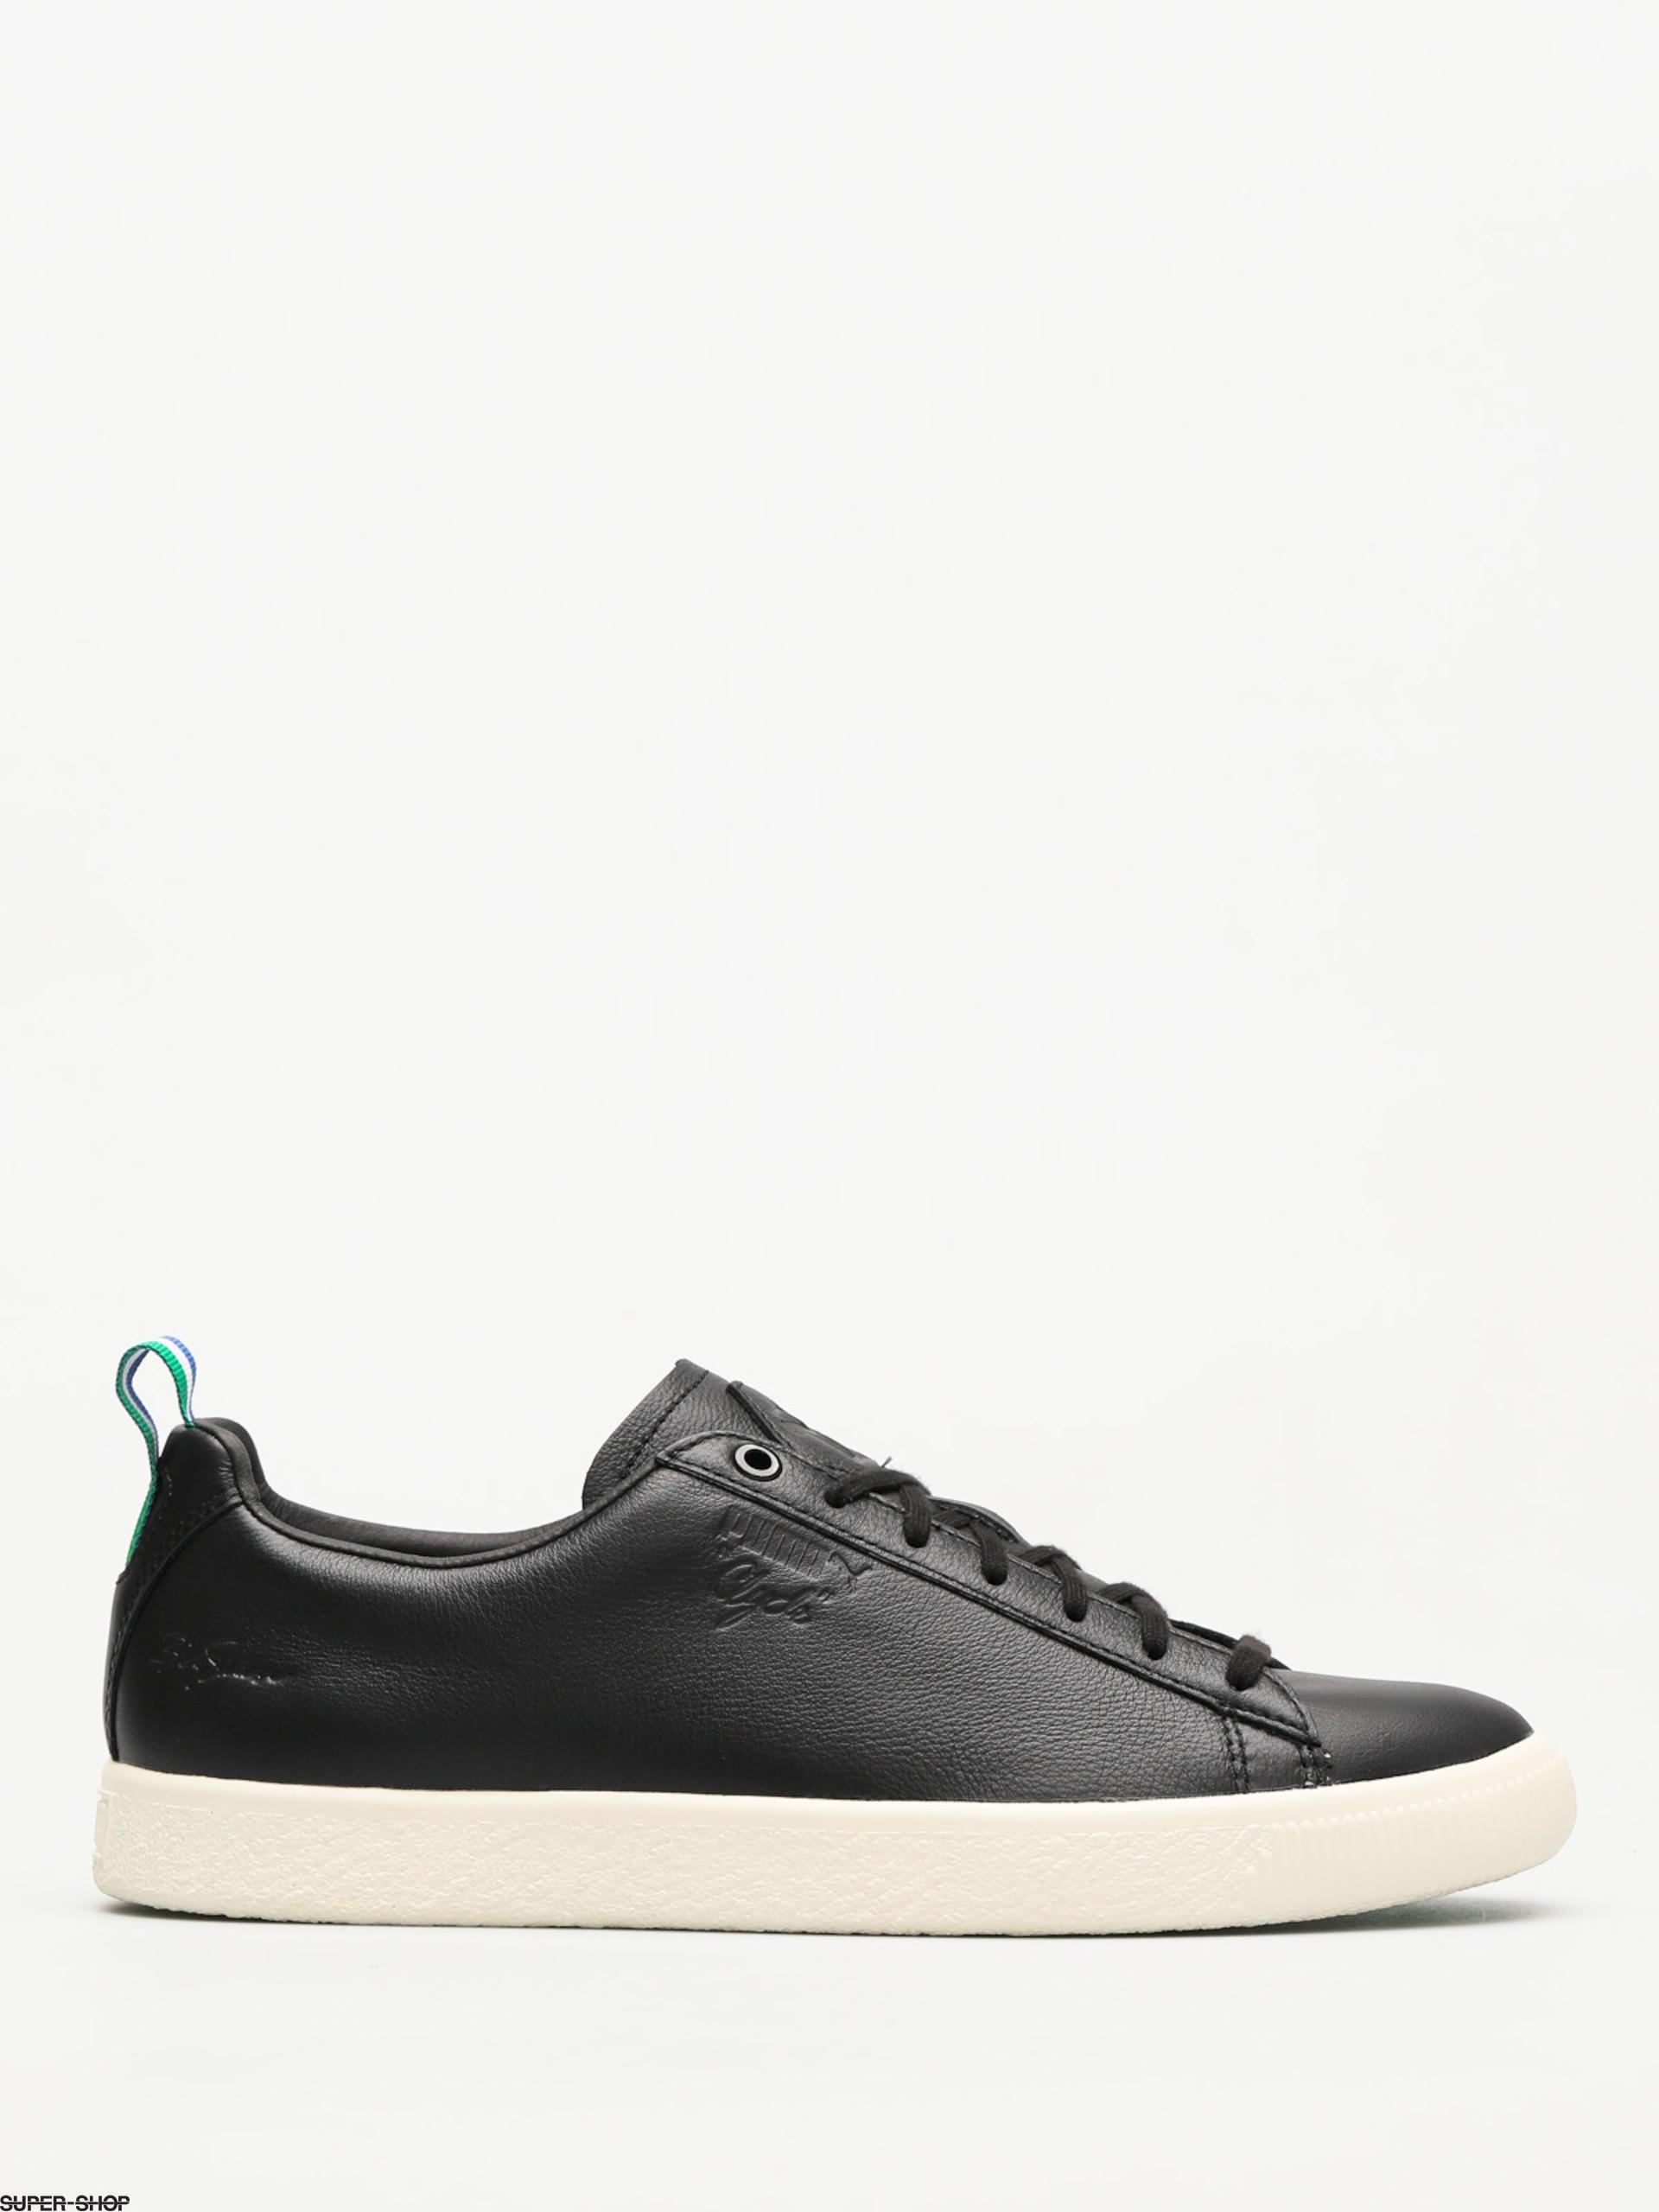 new arrival 90bf5 8586b Puma Shoes Clyde Big Sean (puma black)